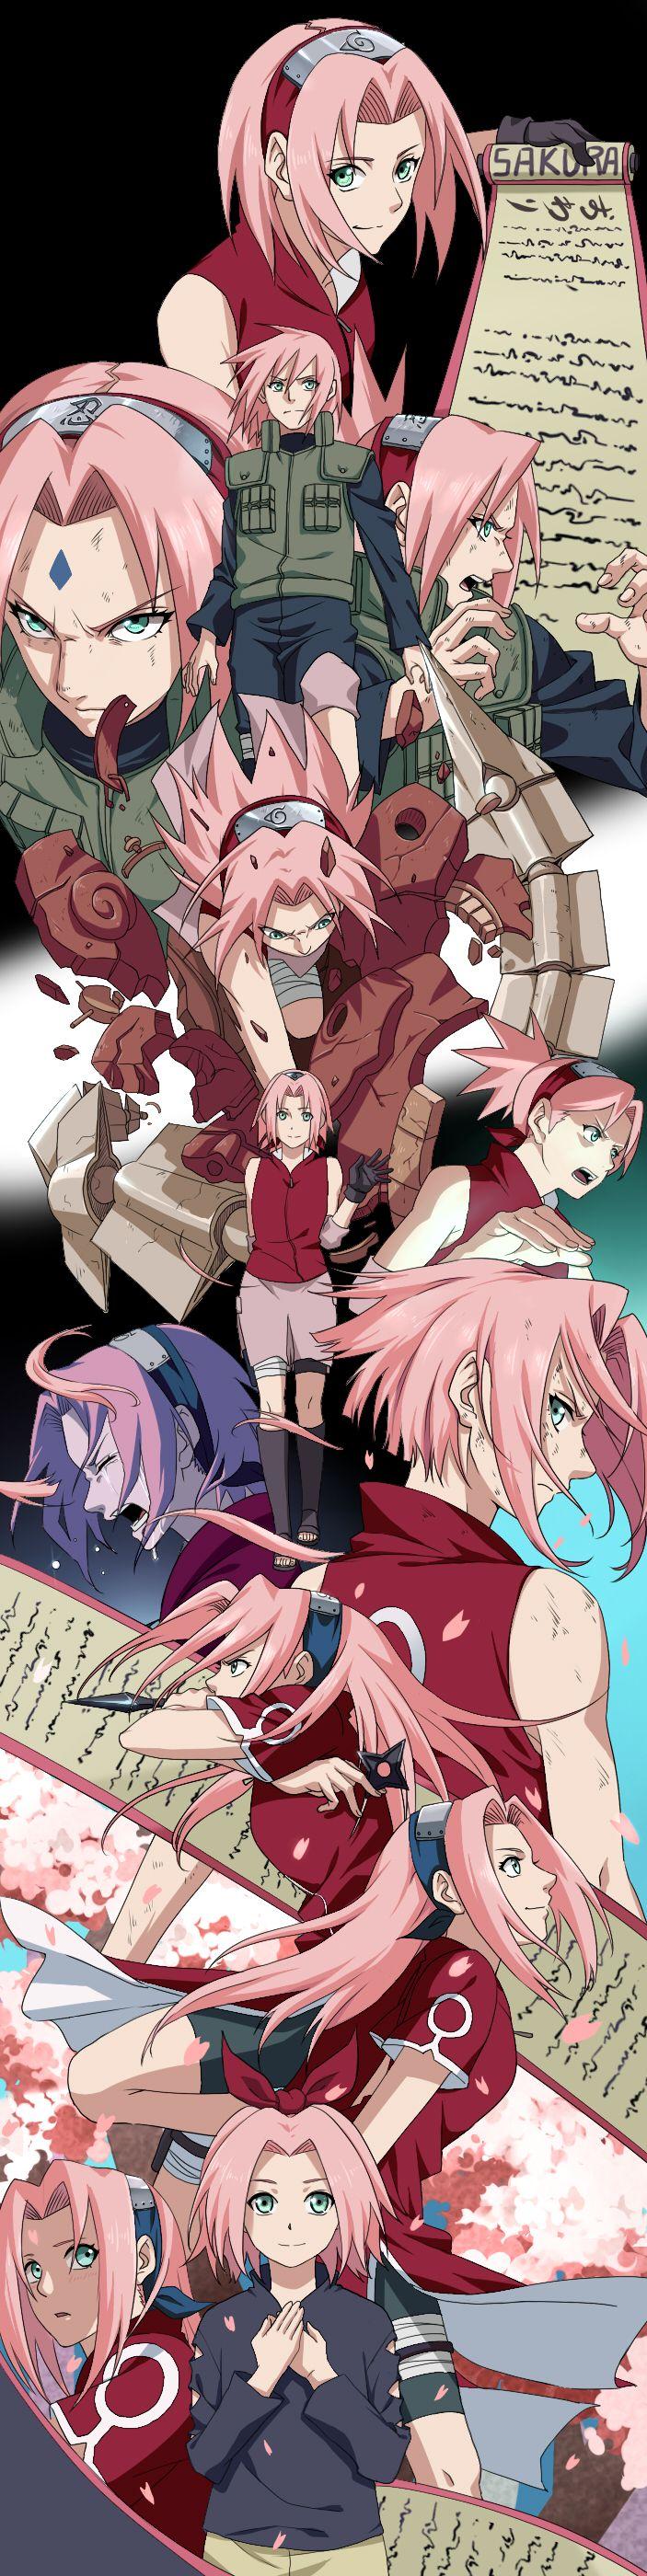 ✪️️ Sakura HARUNO ✪ ⭐ Pouvoir : Force surhumaine • Métamorphose • Technique de : Permutation, Dédoublement, Extraction du Poison, Invocation • Explosion de la fleur de cerisier • Rupture du sceau • Puissance des Cent • Blizzard de Sakura ~ Série Anime/Films d'Animation : Naruto / Naruto Shippuden ~ [_MangAnime_]